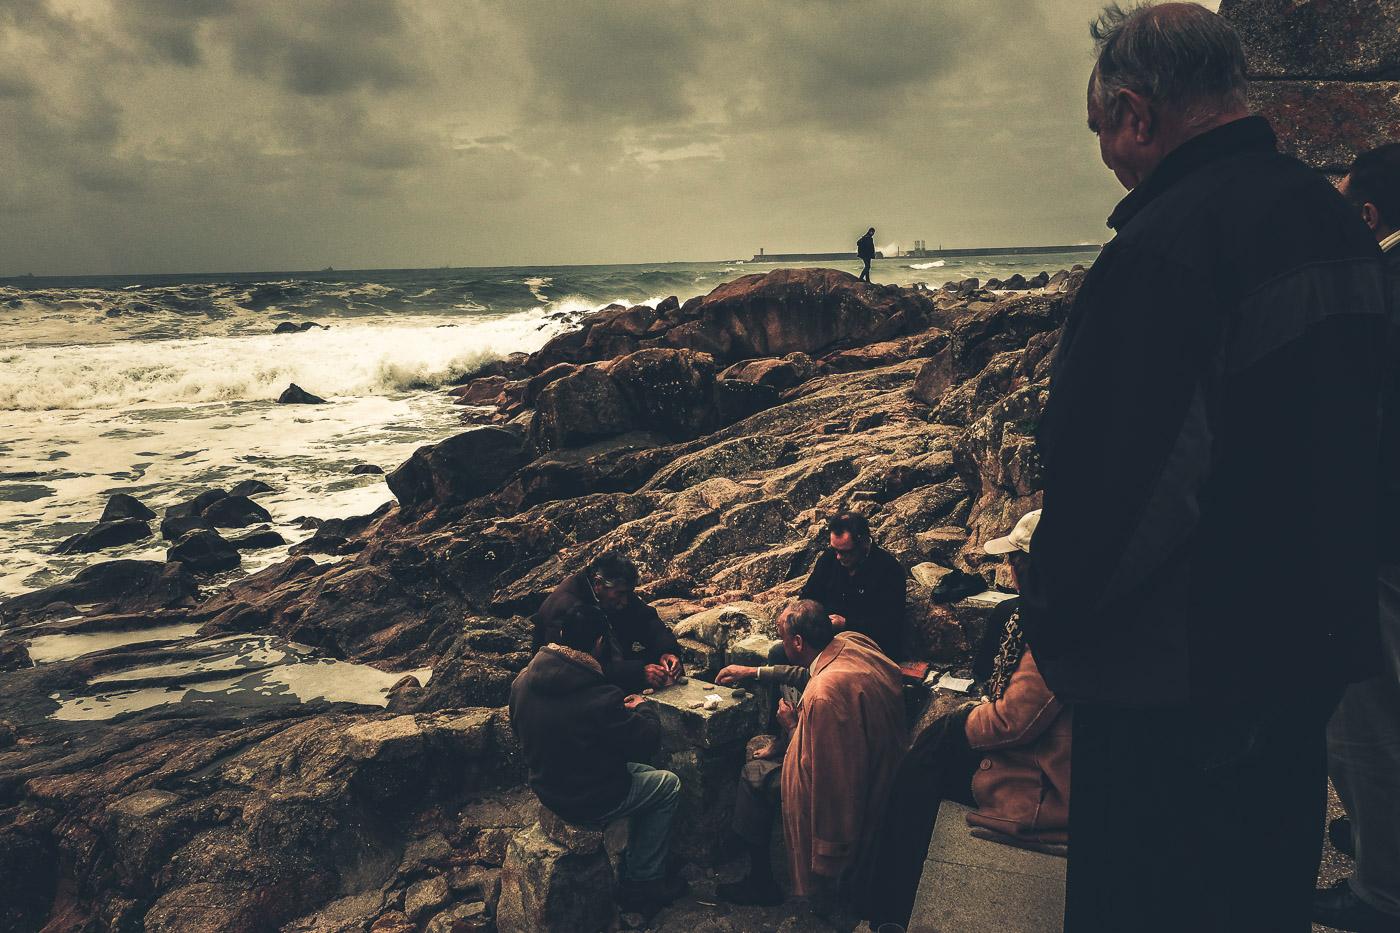 hb images - Porto - ocean walk - 5